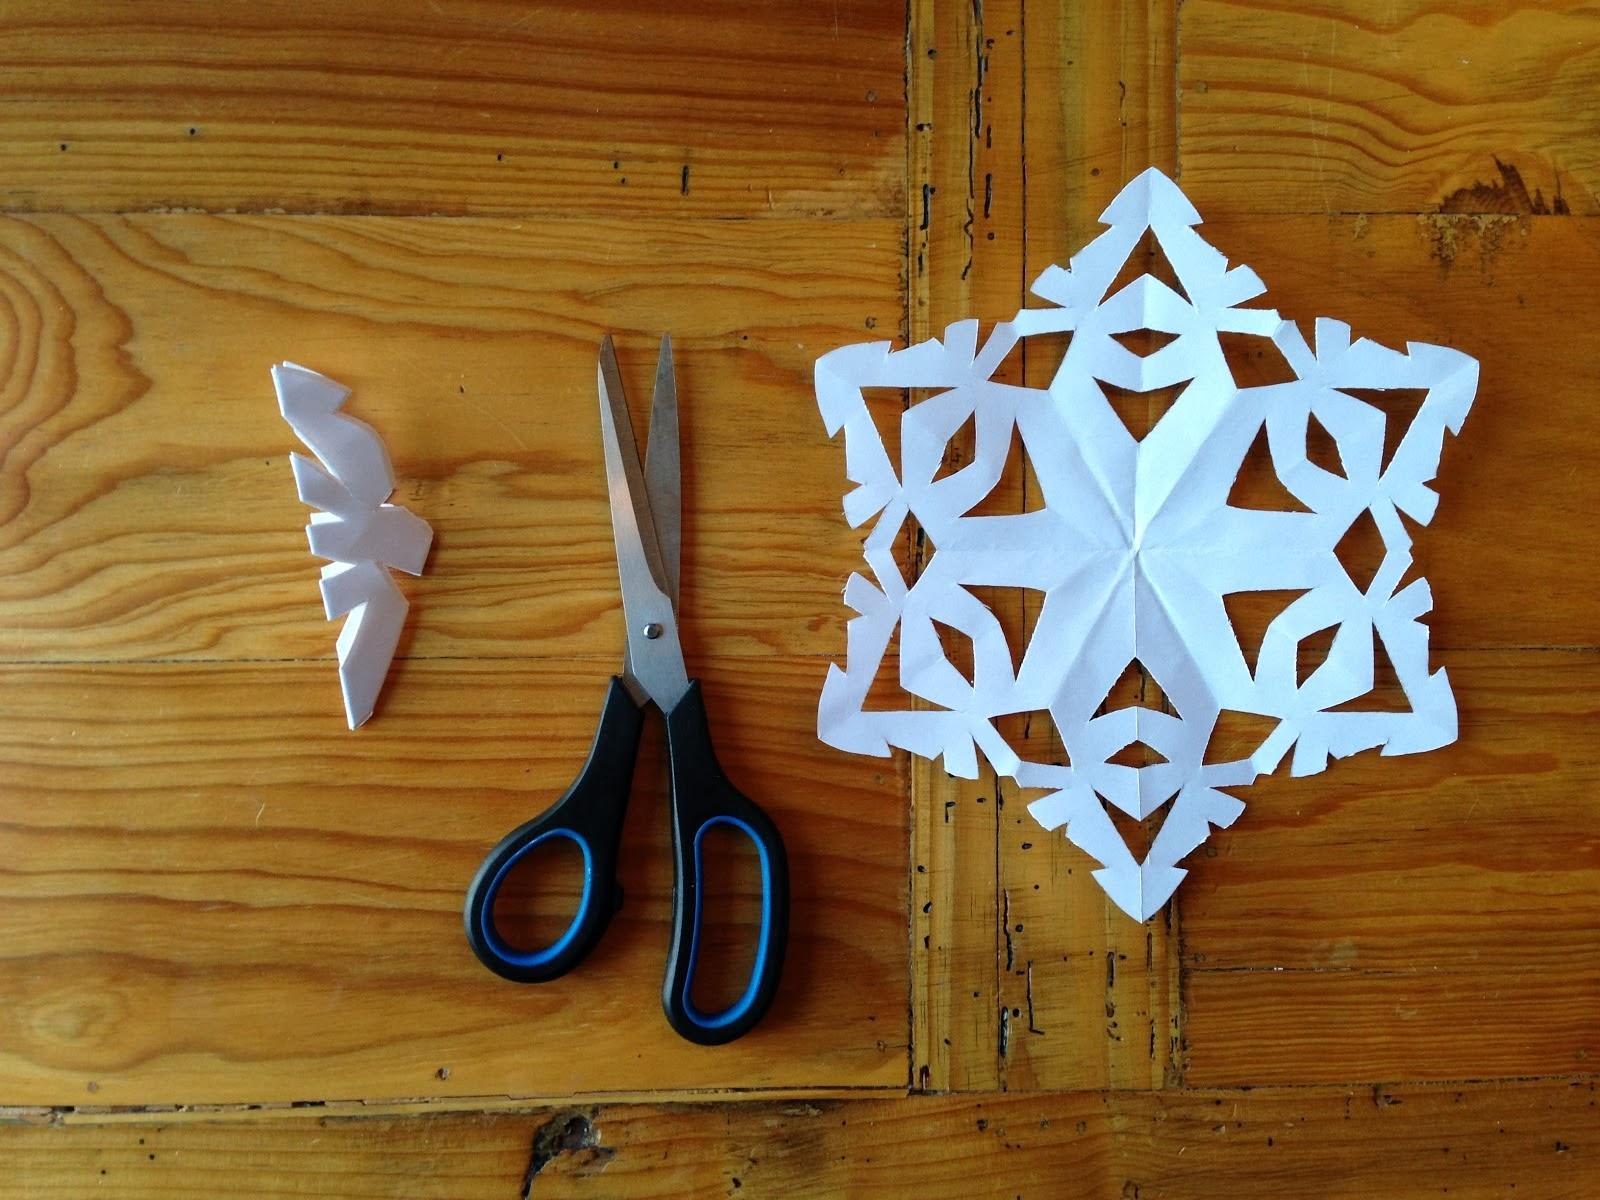 Fiocchi Di Neve Di Carta Da Ritagliare Tutorial : Diy come fare fiocchi di neve con la carta paper snowflakes